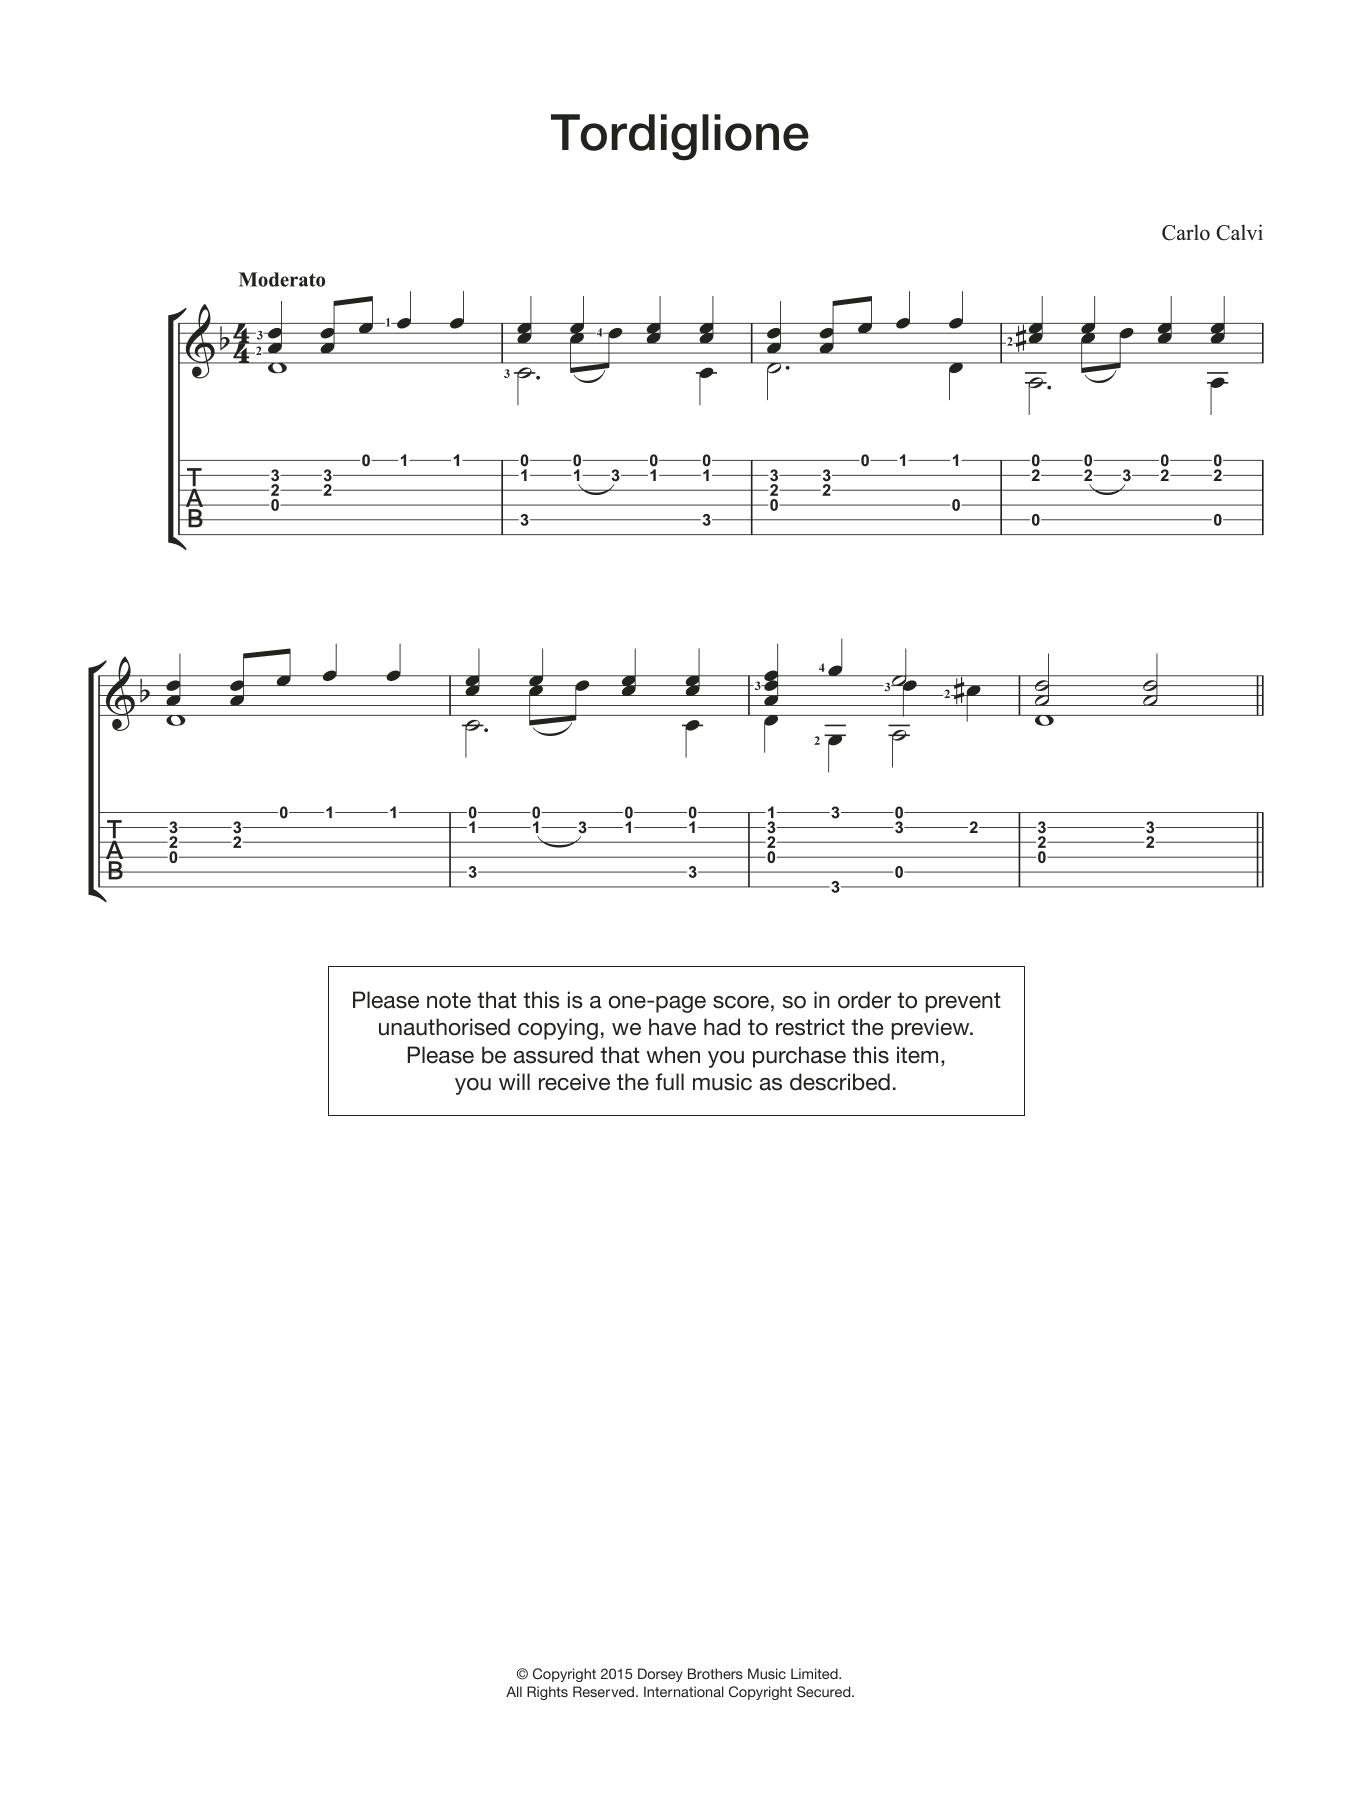 Tordiglione Sheet Music